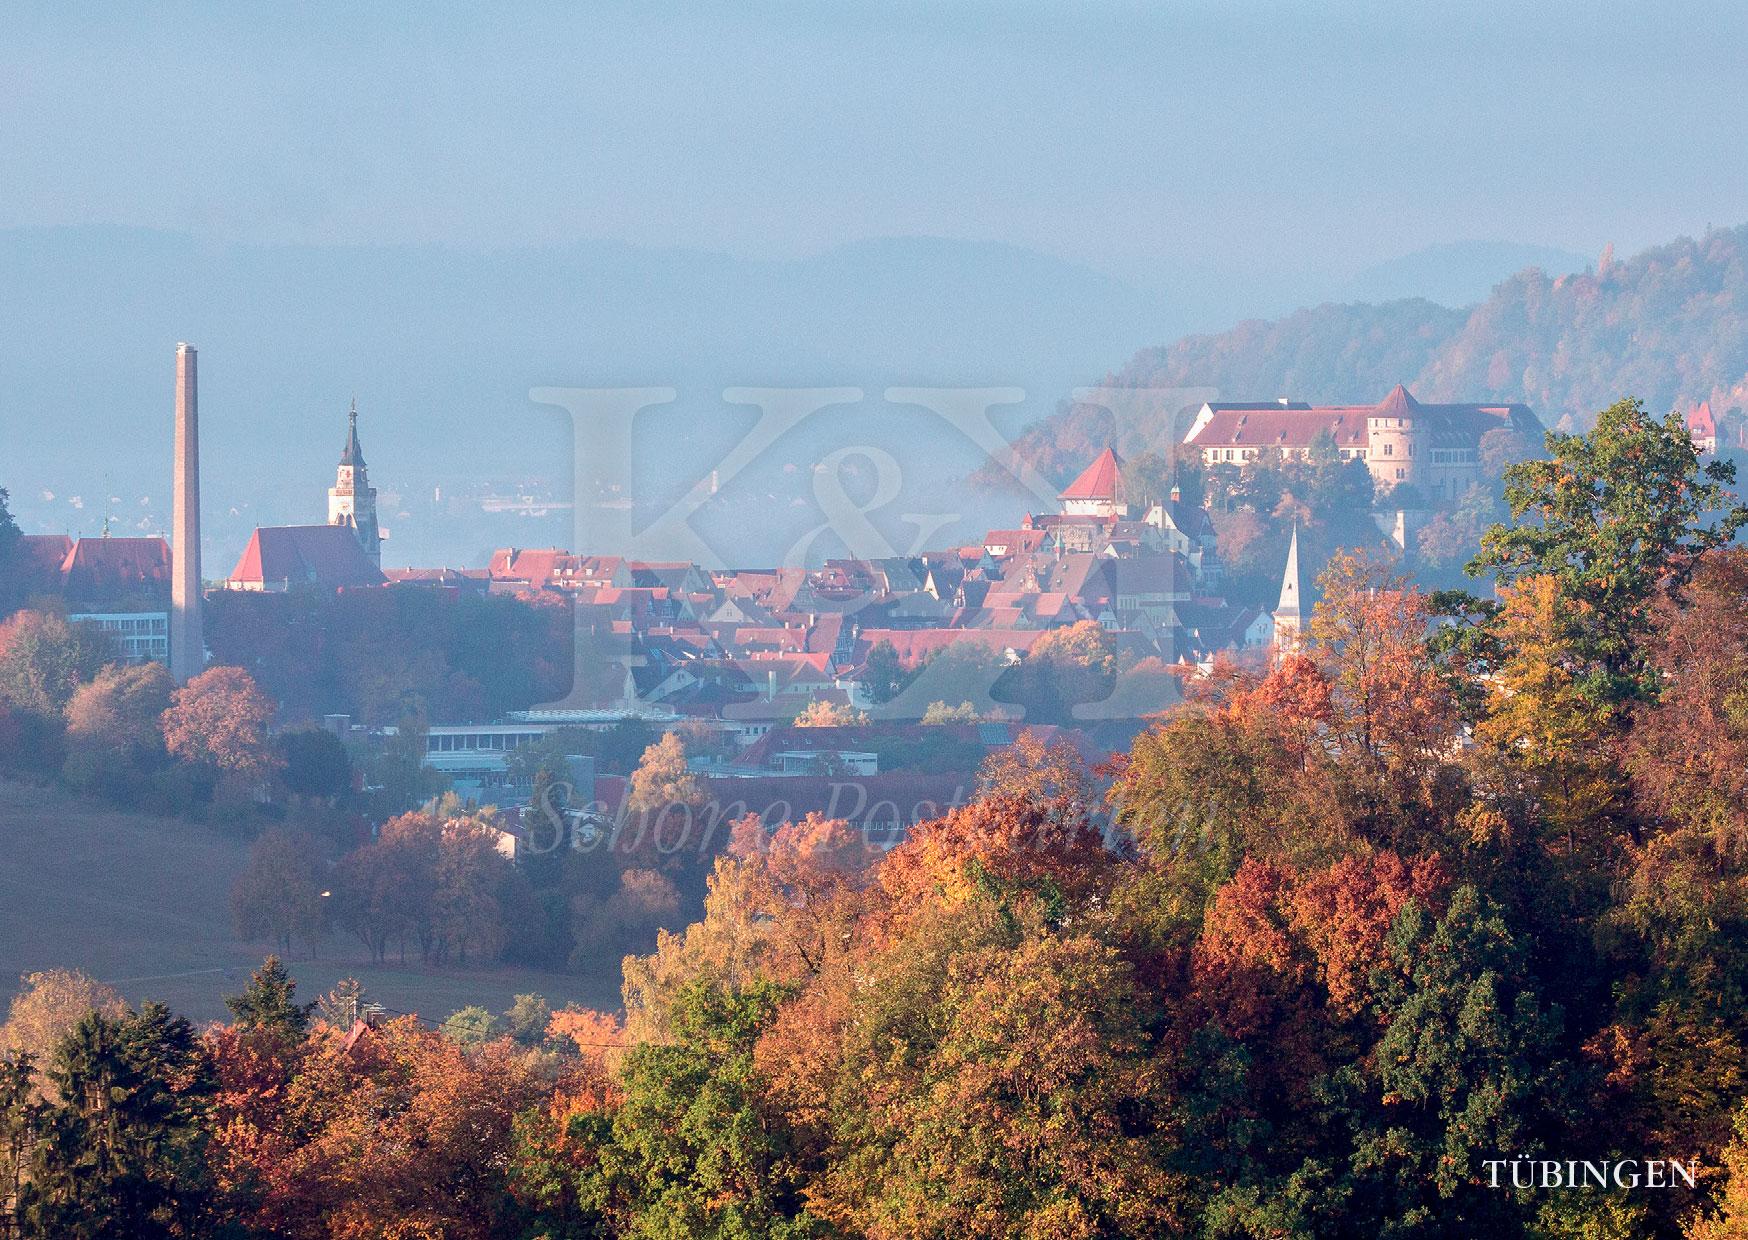 Schöne Postkarte Nr. 98 · Altstadt von Tübingen im Herbst · © www.schoenepostkarten.de